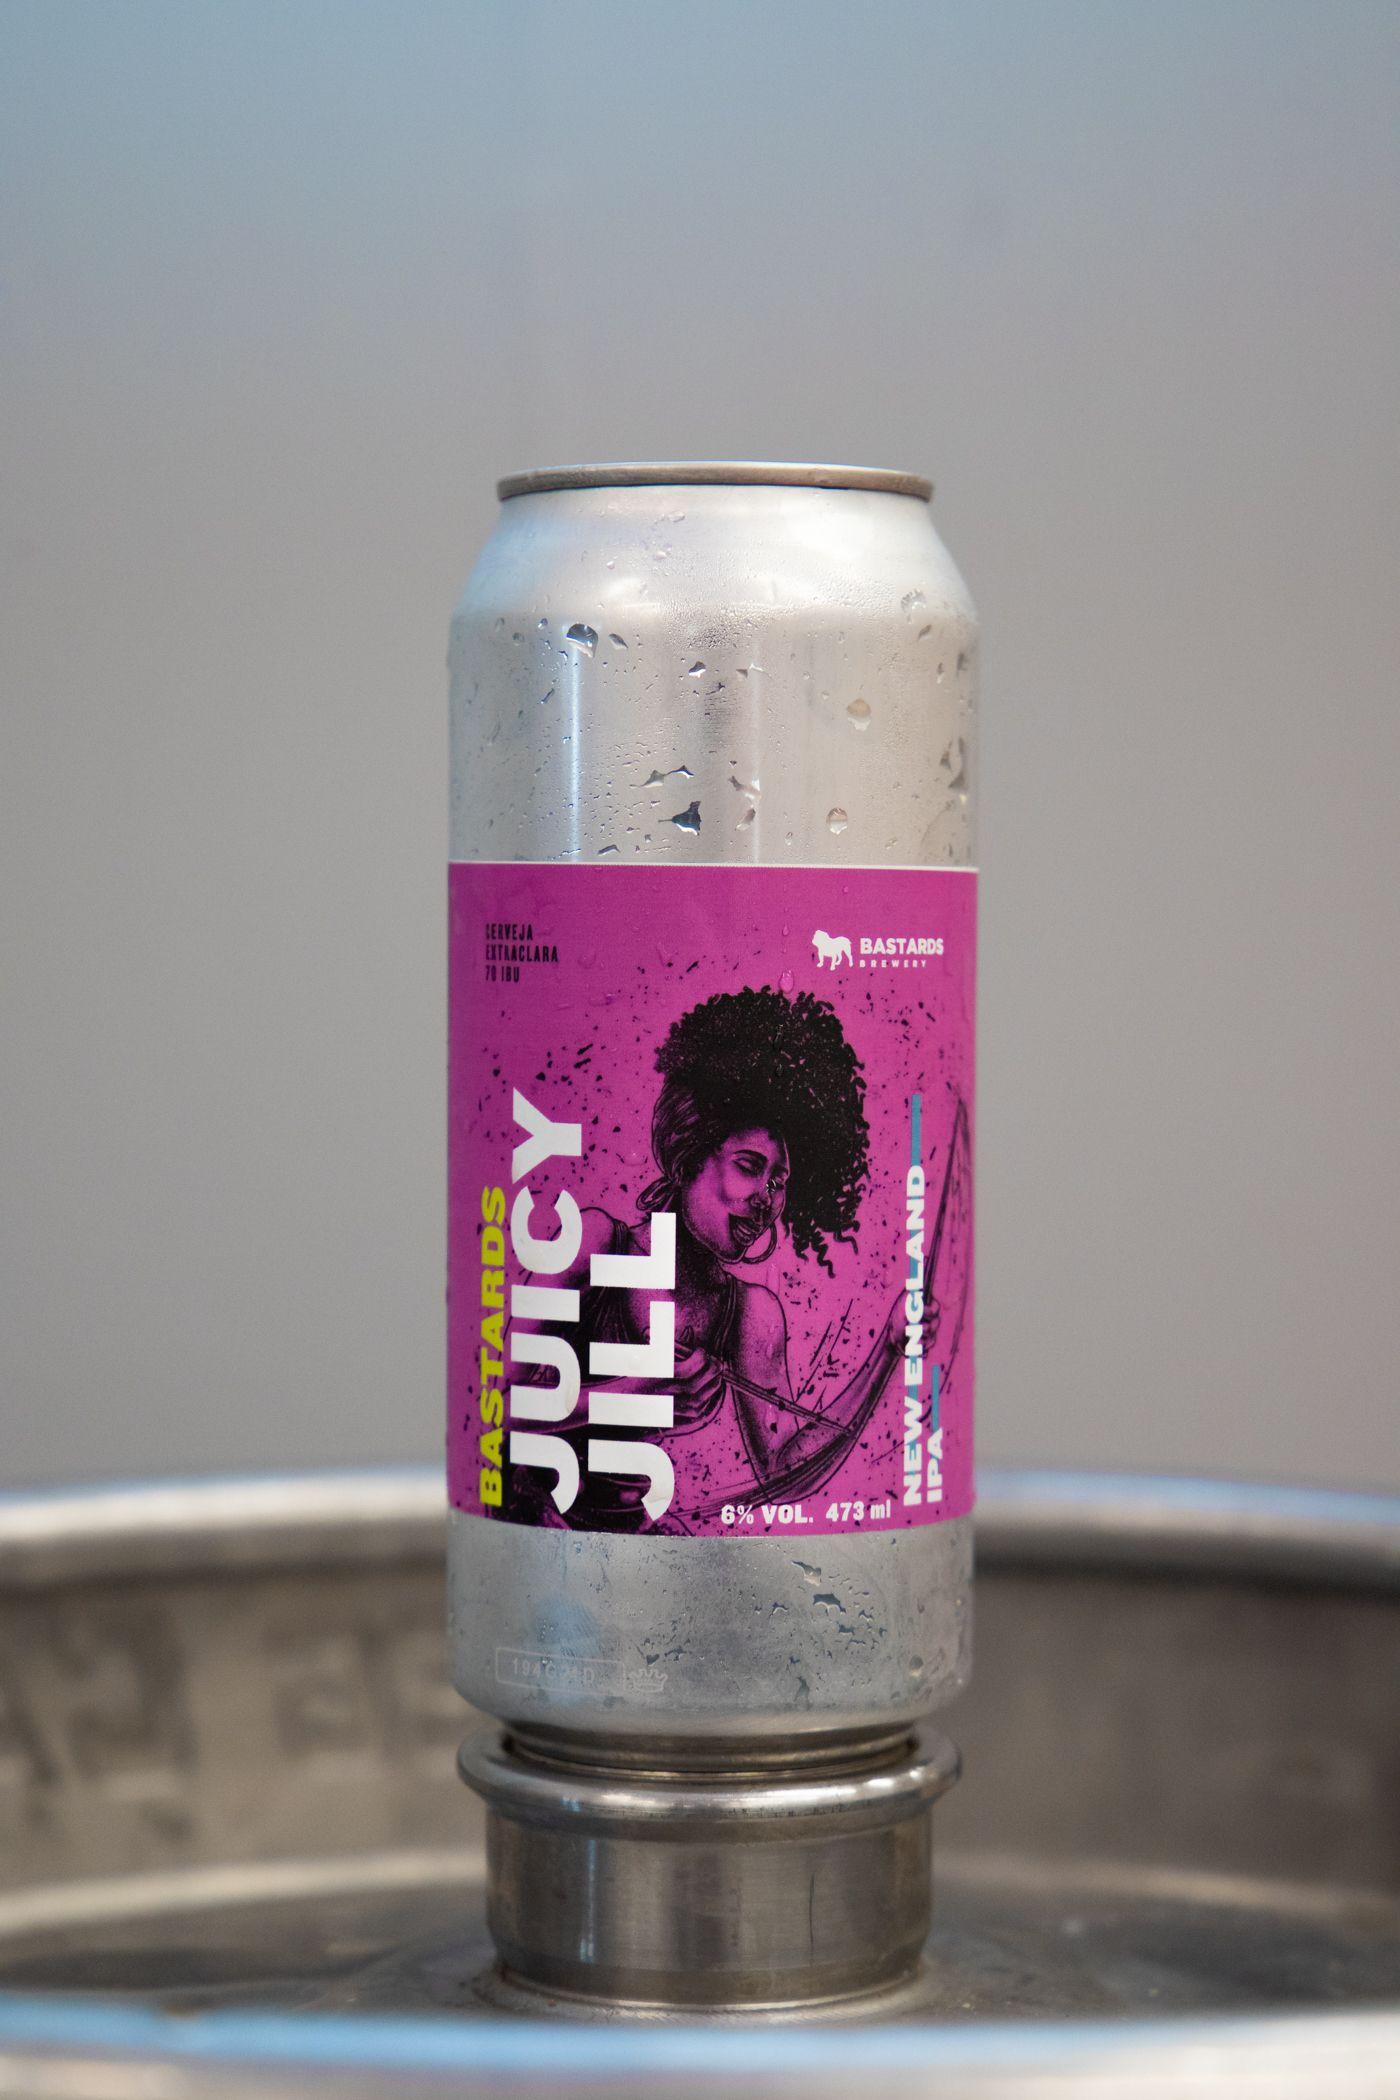 Juicy Jill - NE IPA - 473ml